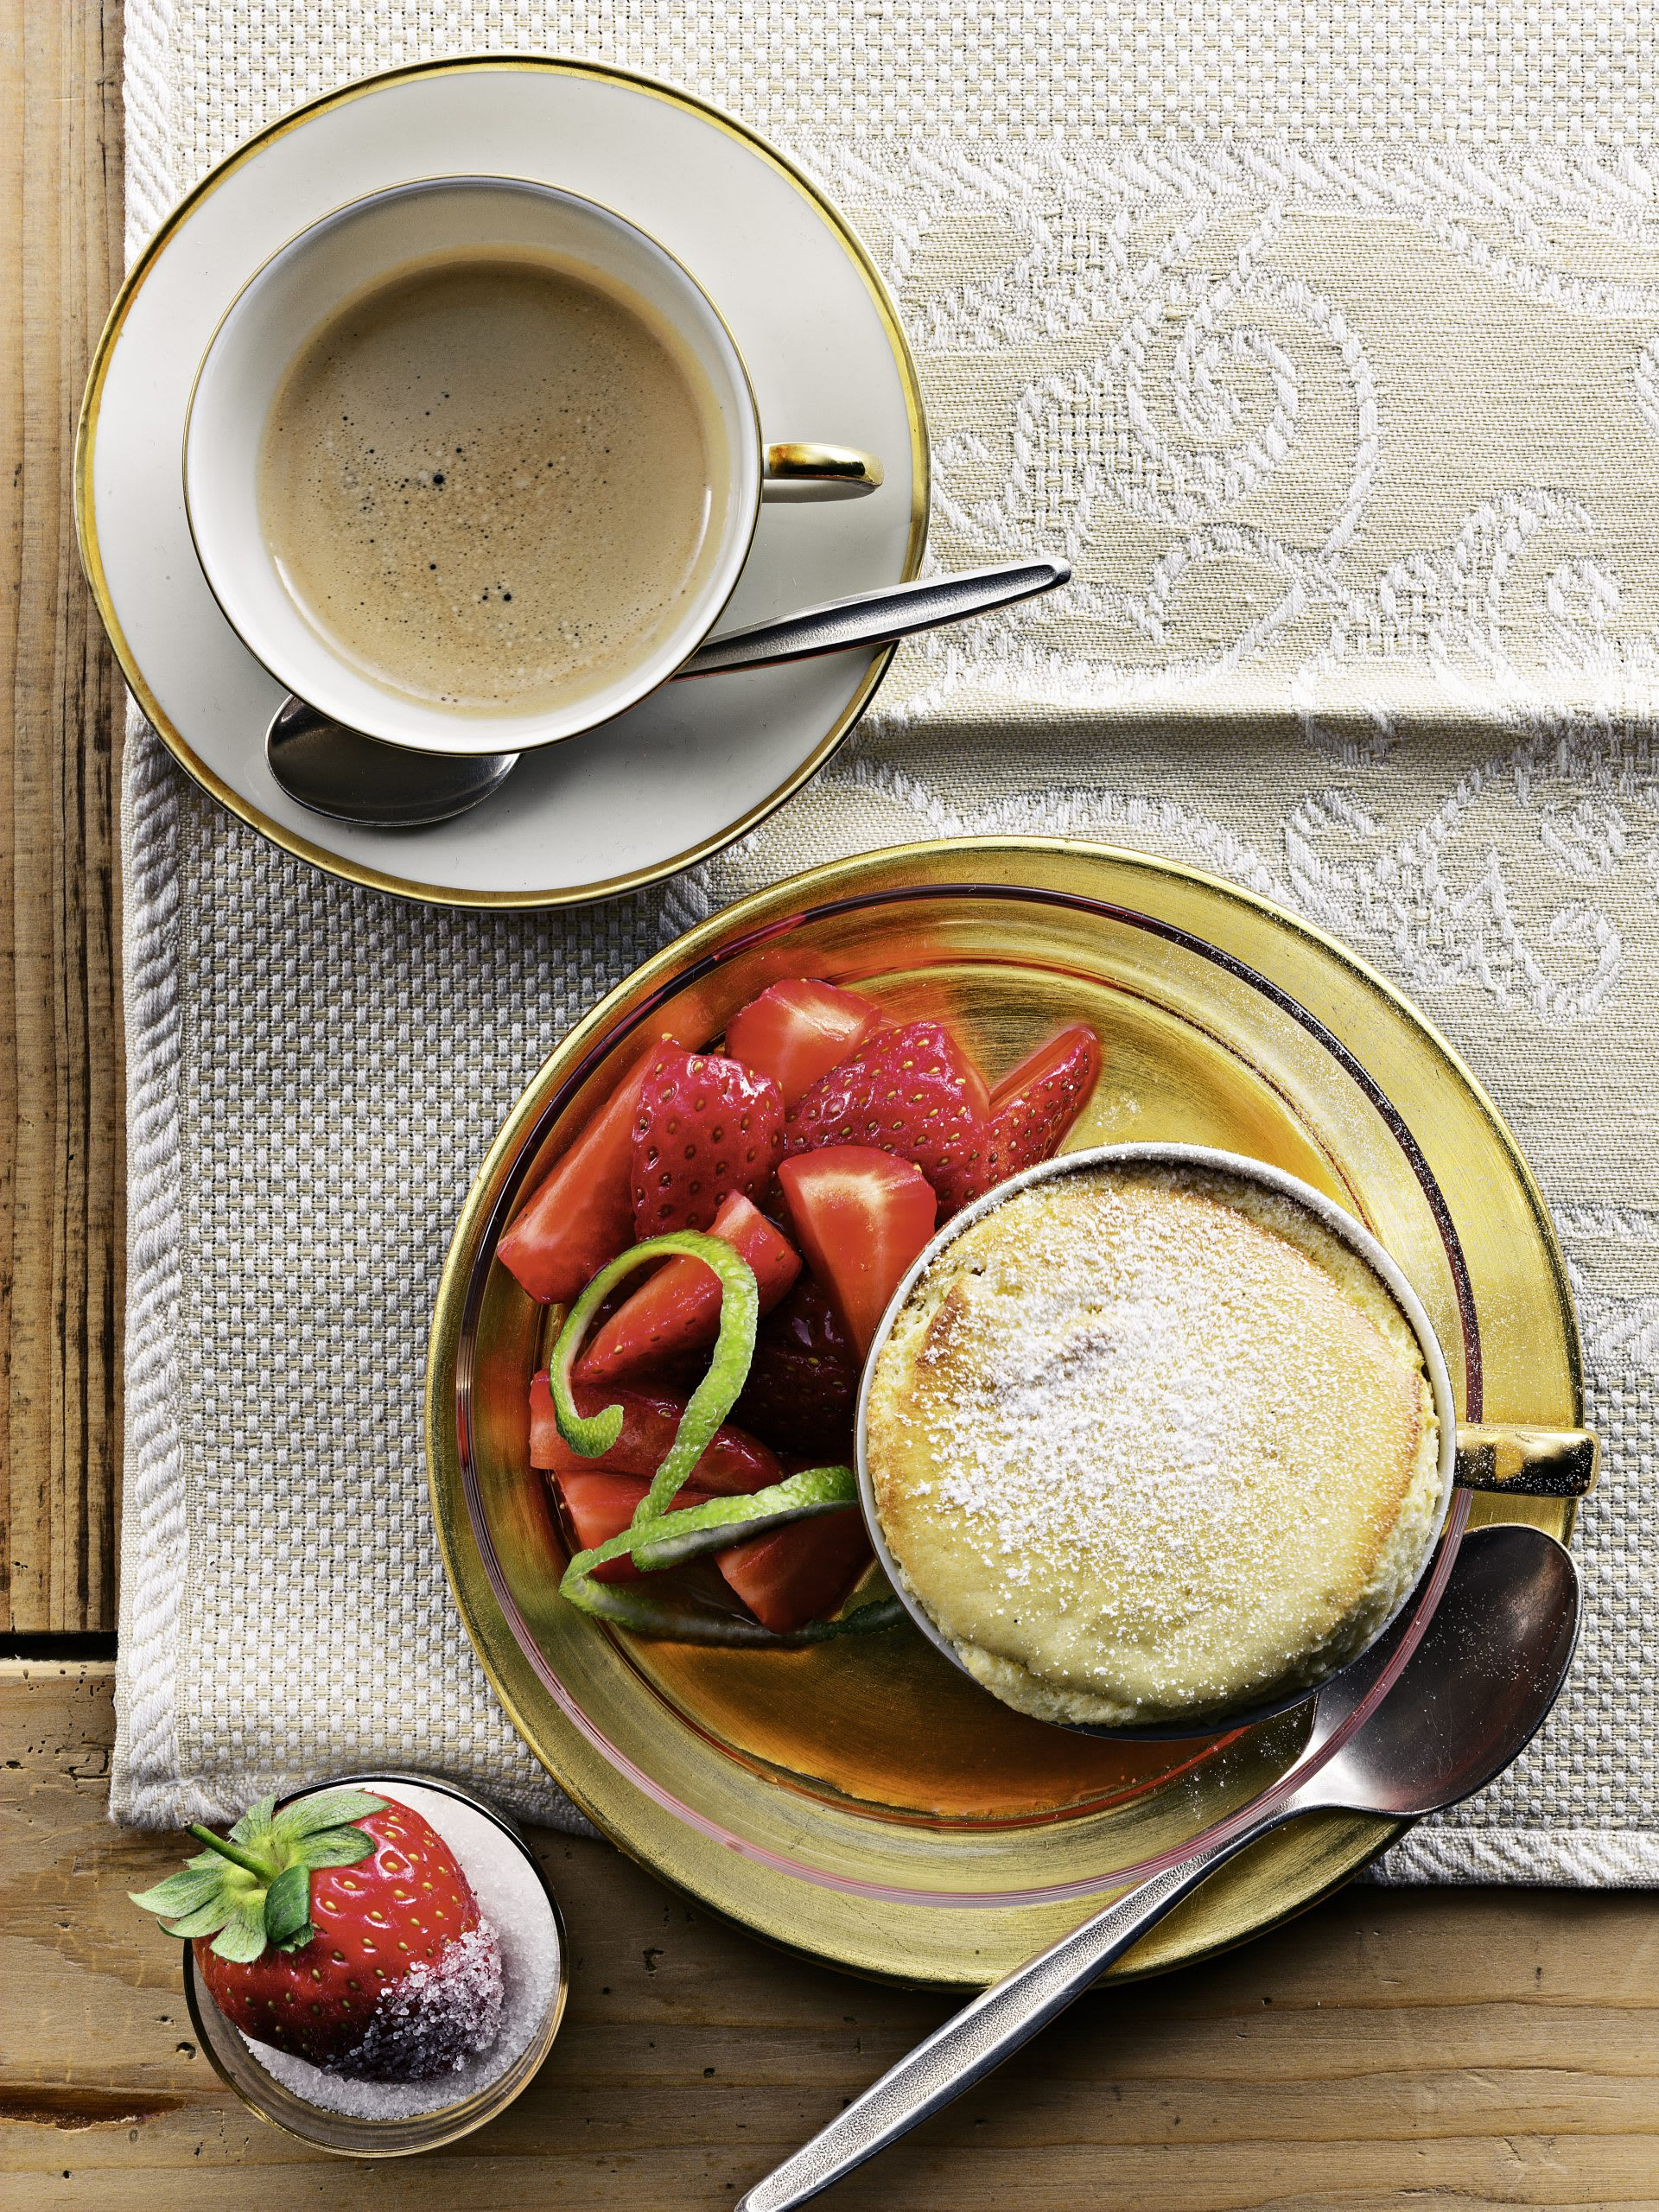 Vanille-Soufflé mit frischen Erdbeeren